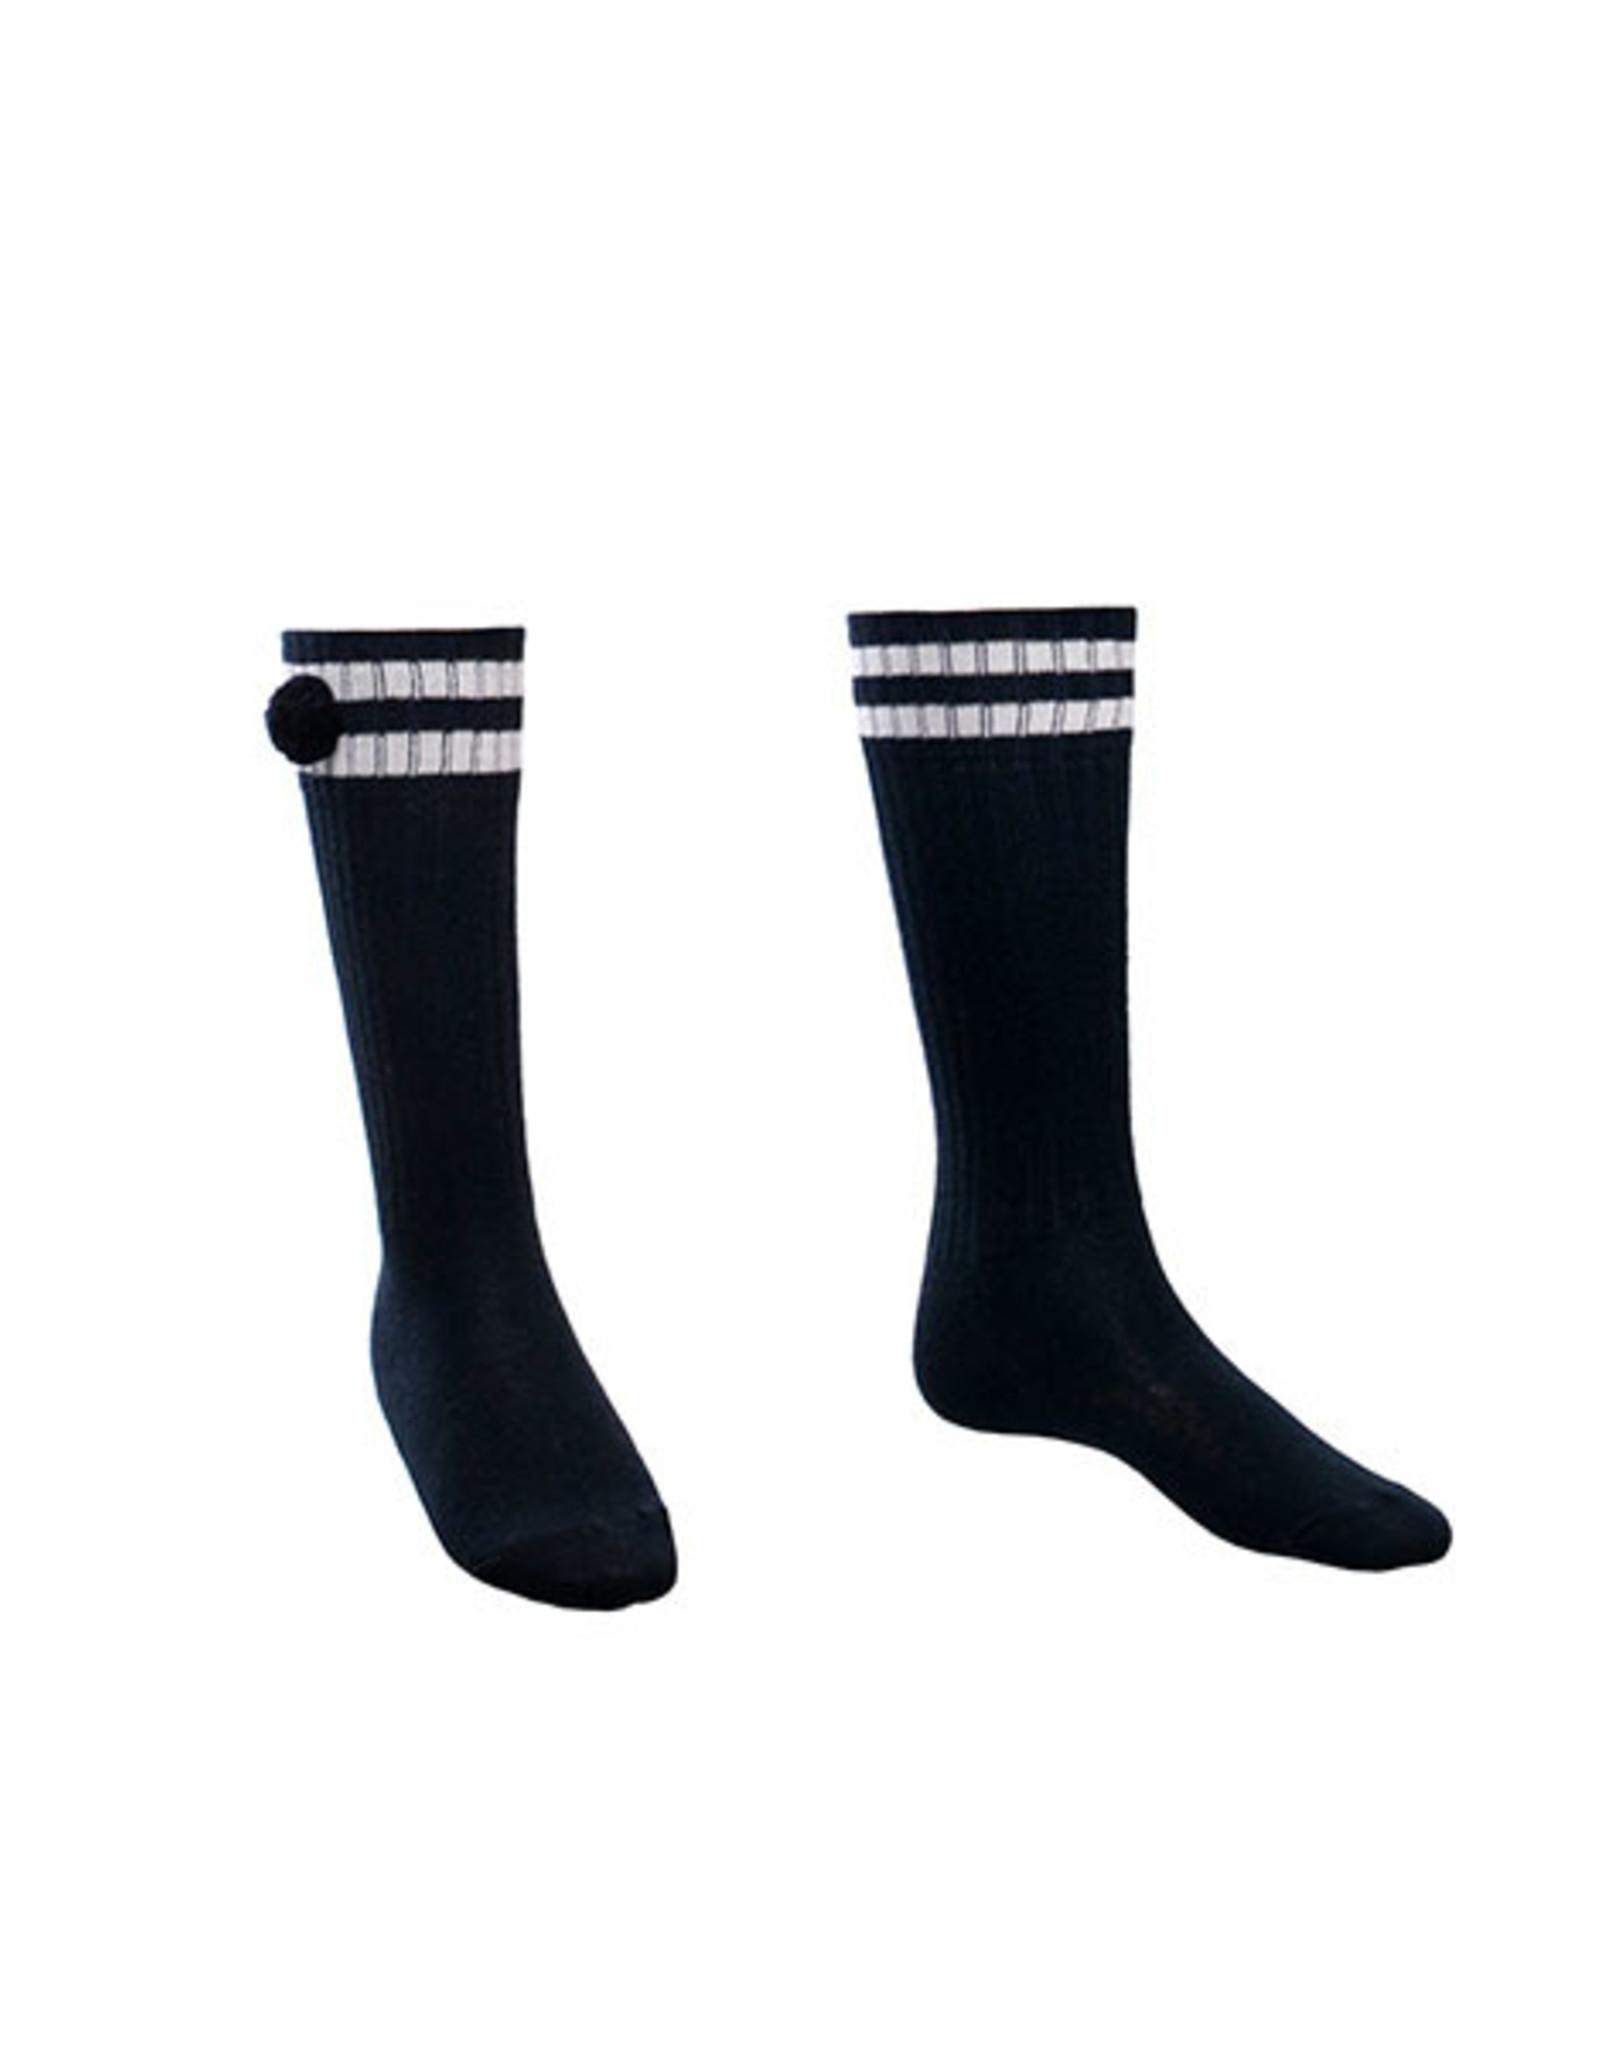 Looxs Revolution Little Knee socks